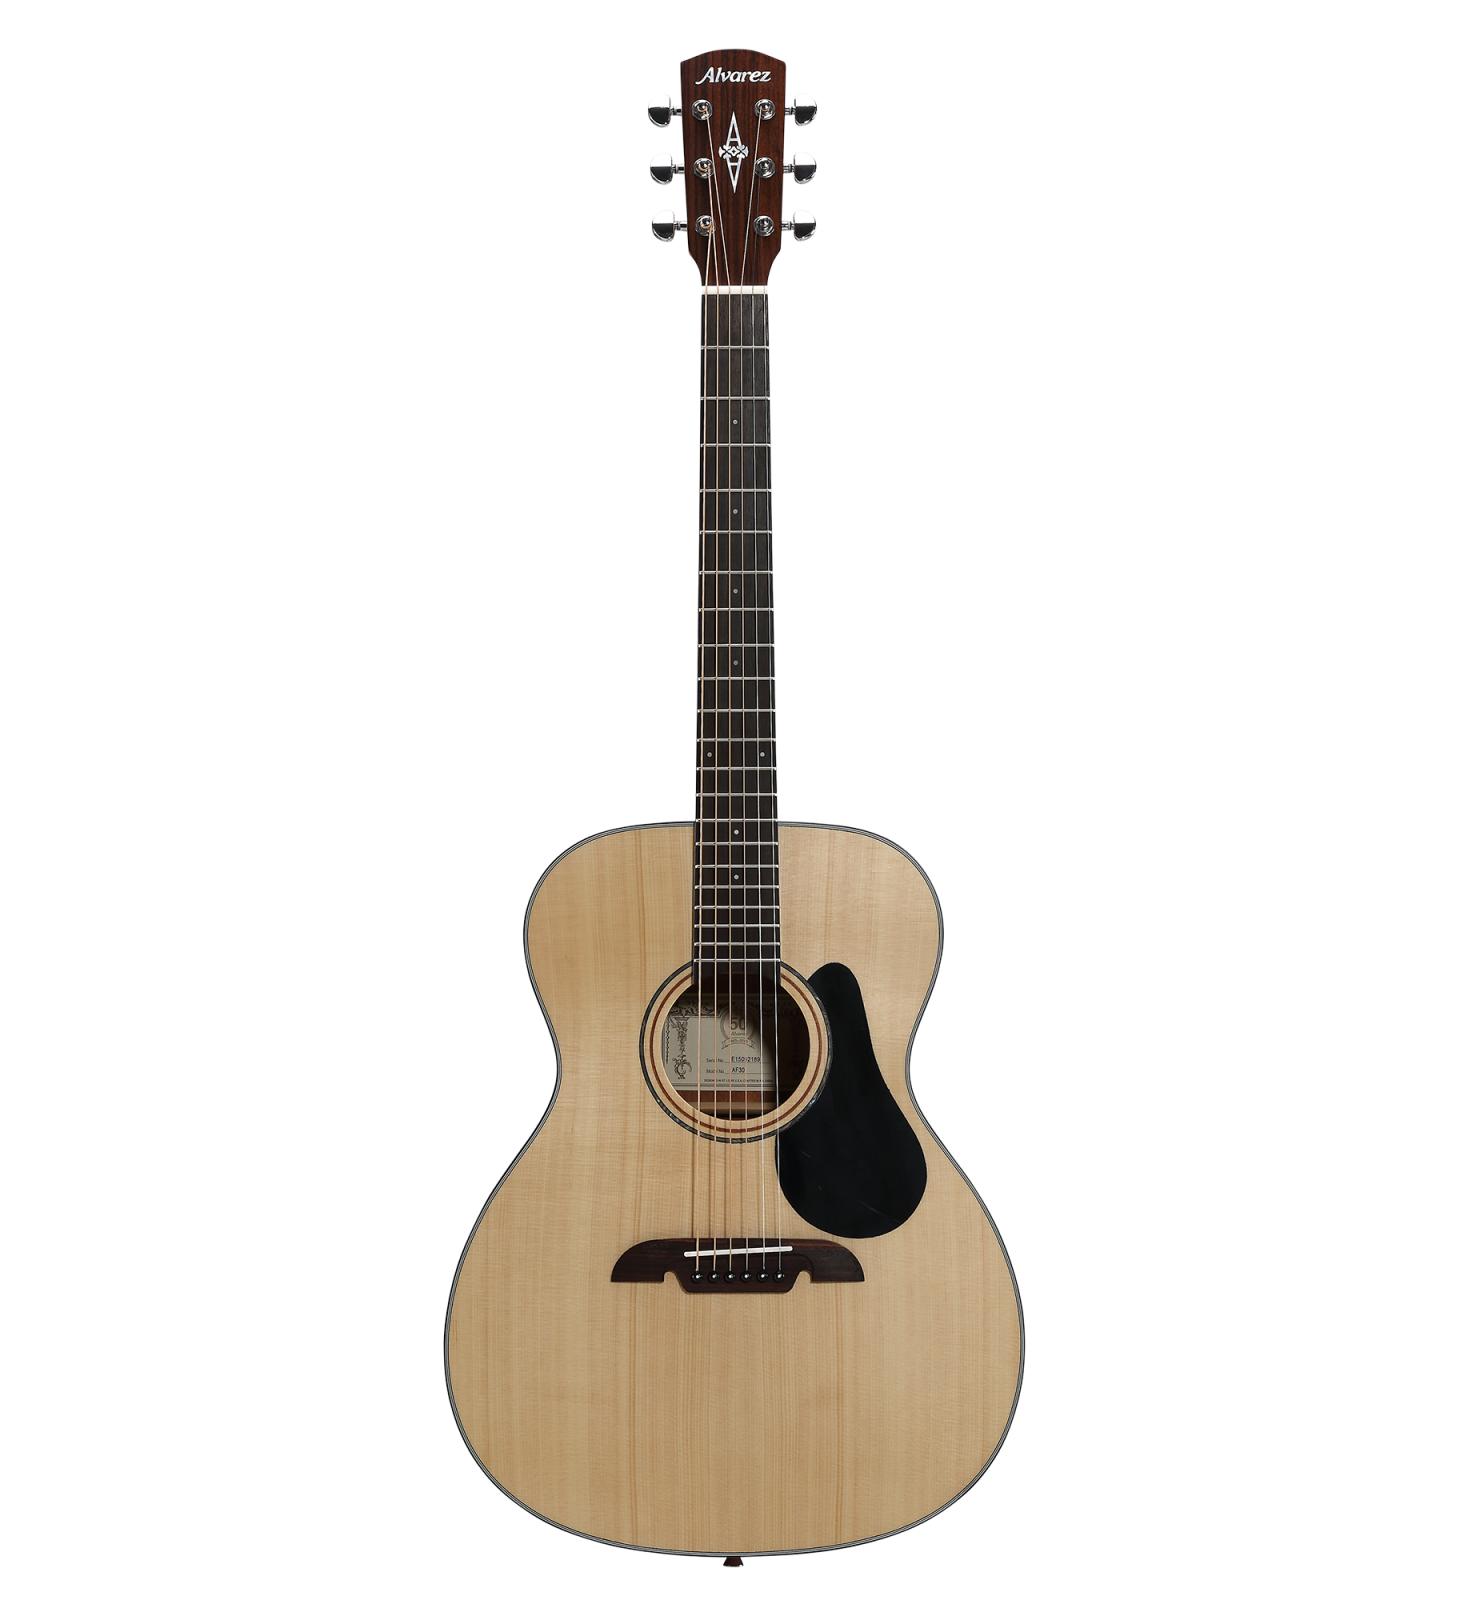 Alvarez AF30 Folk acoustic